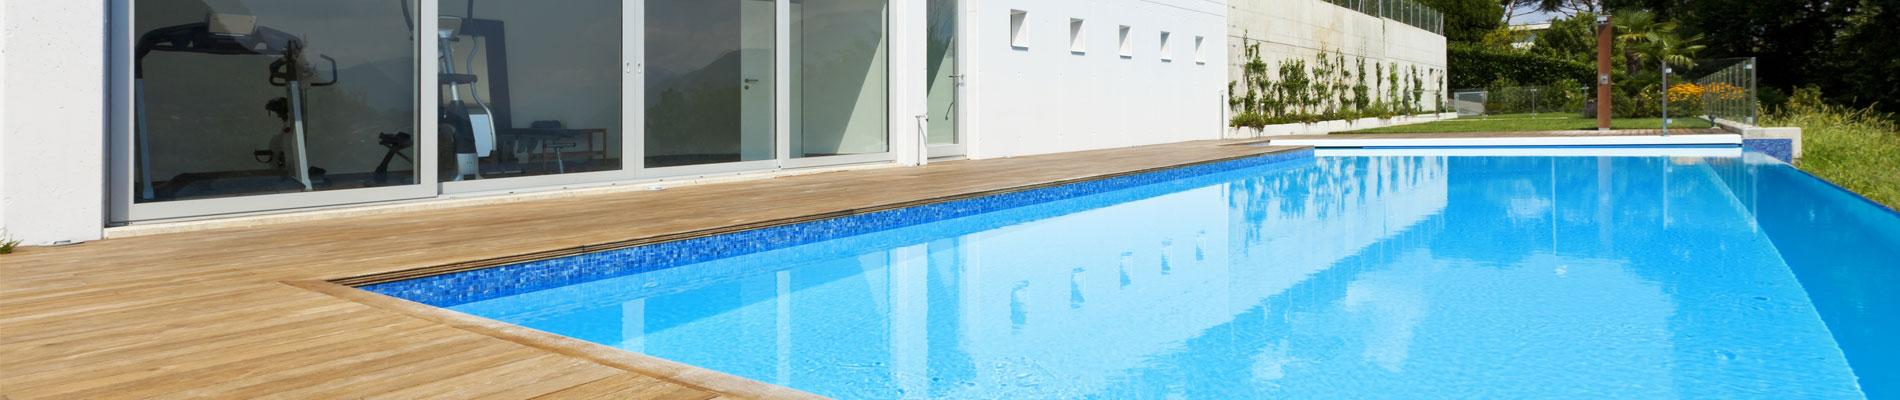 tauchbecken selber bauen pool im garten with tauchbecken selber bauen couchtisch selber bauen. Black Bedroom Furniture Sets. Home Design Ideas